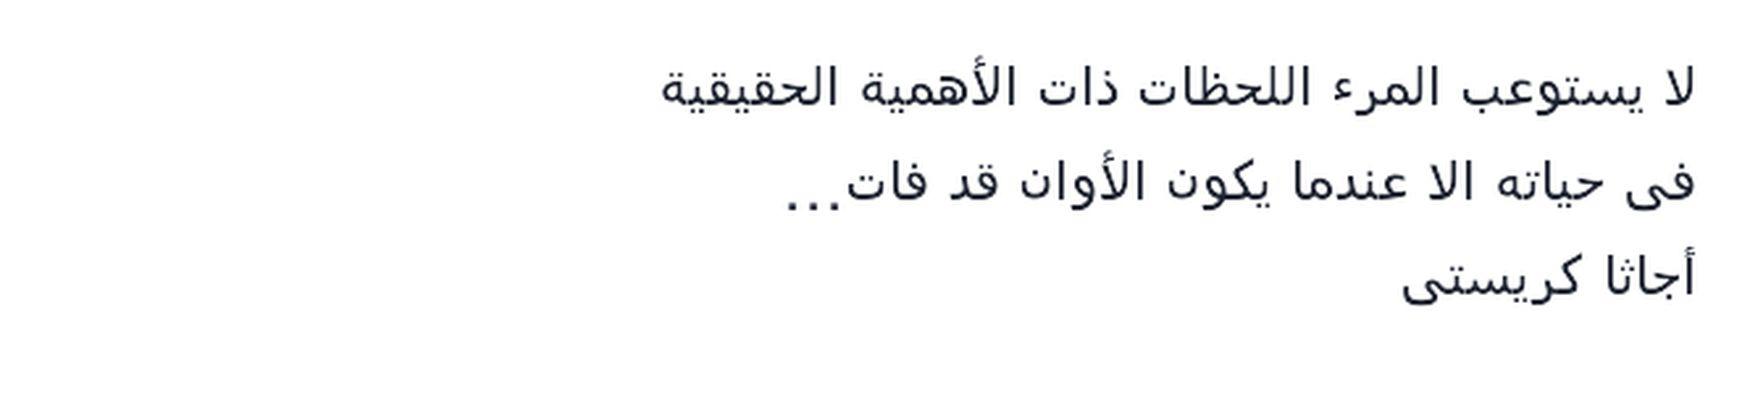 مما_راق_لي مما_قرأت  بغداد ❤ الكرادة